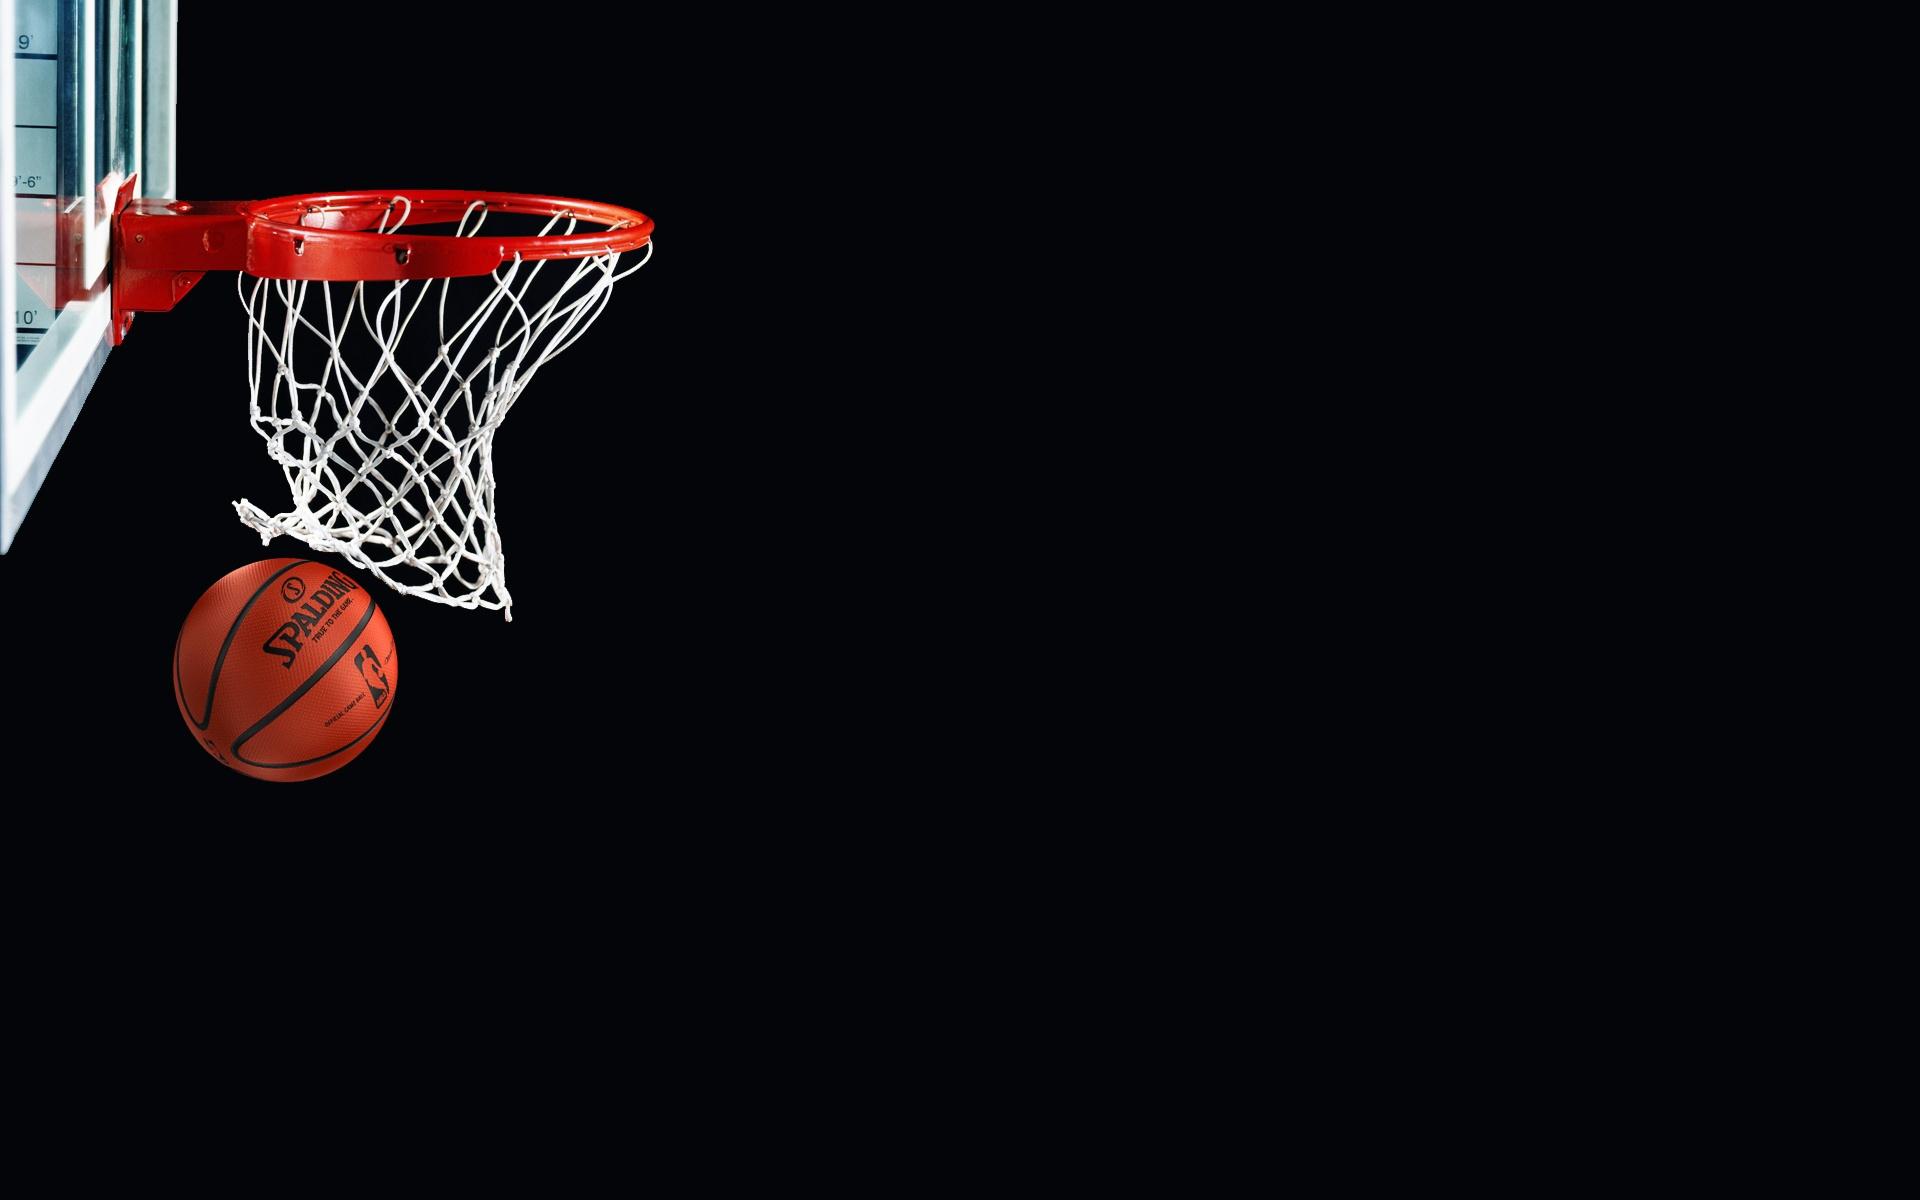 basketball background - kubre.euforic.co